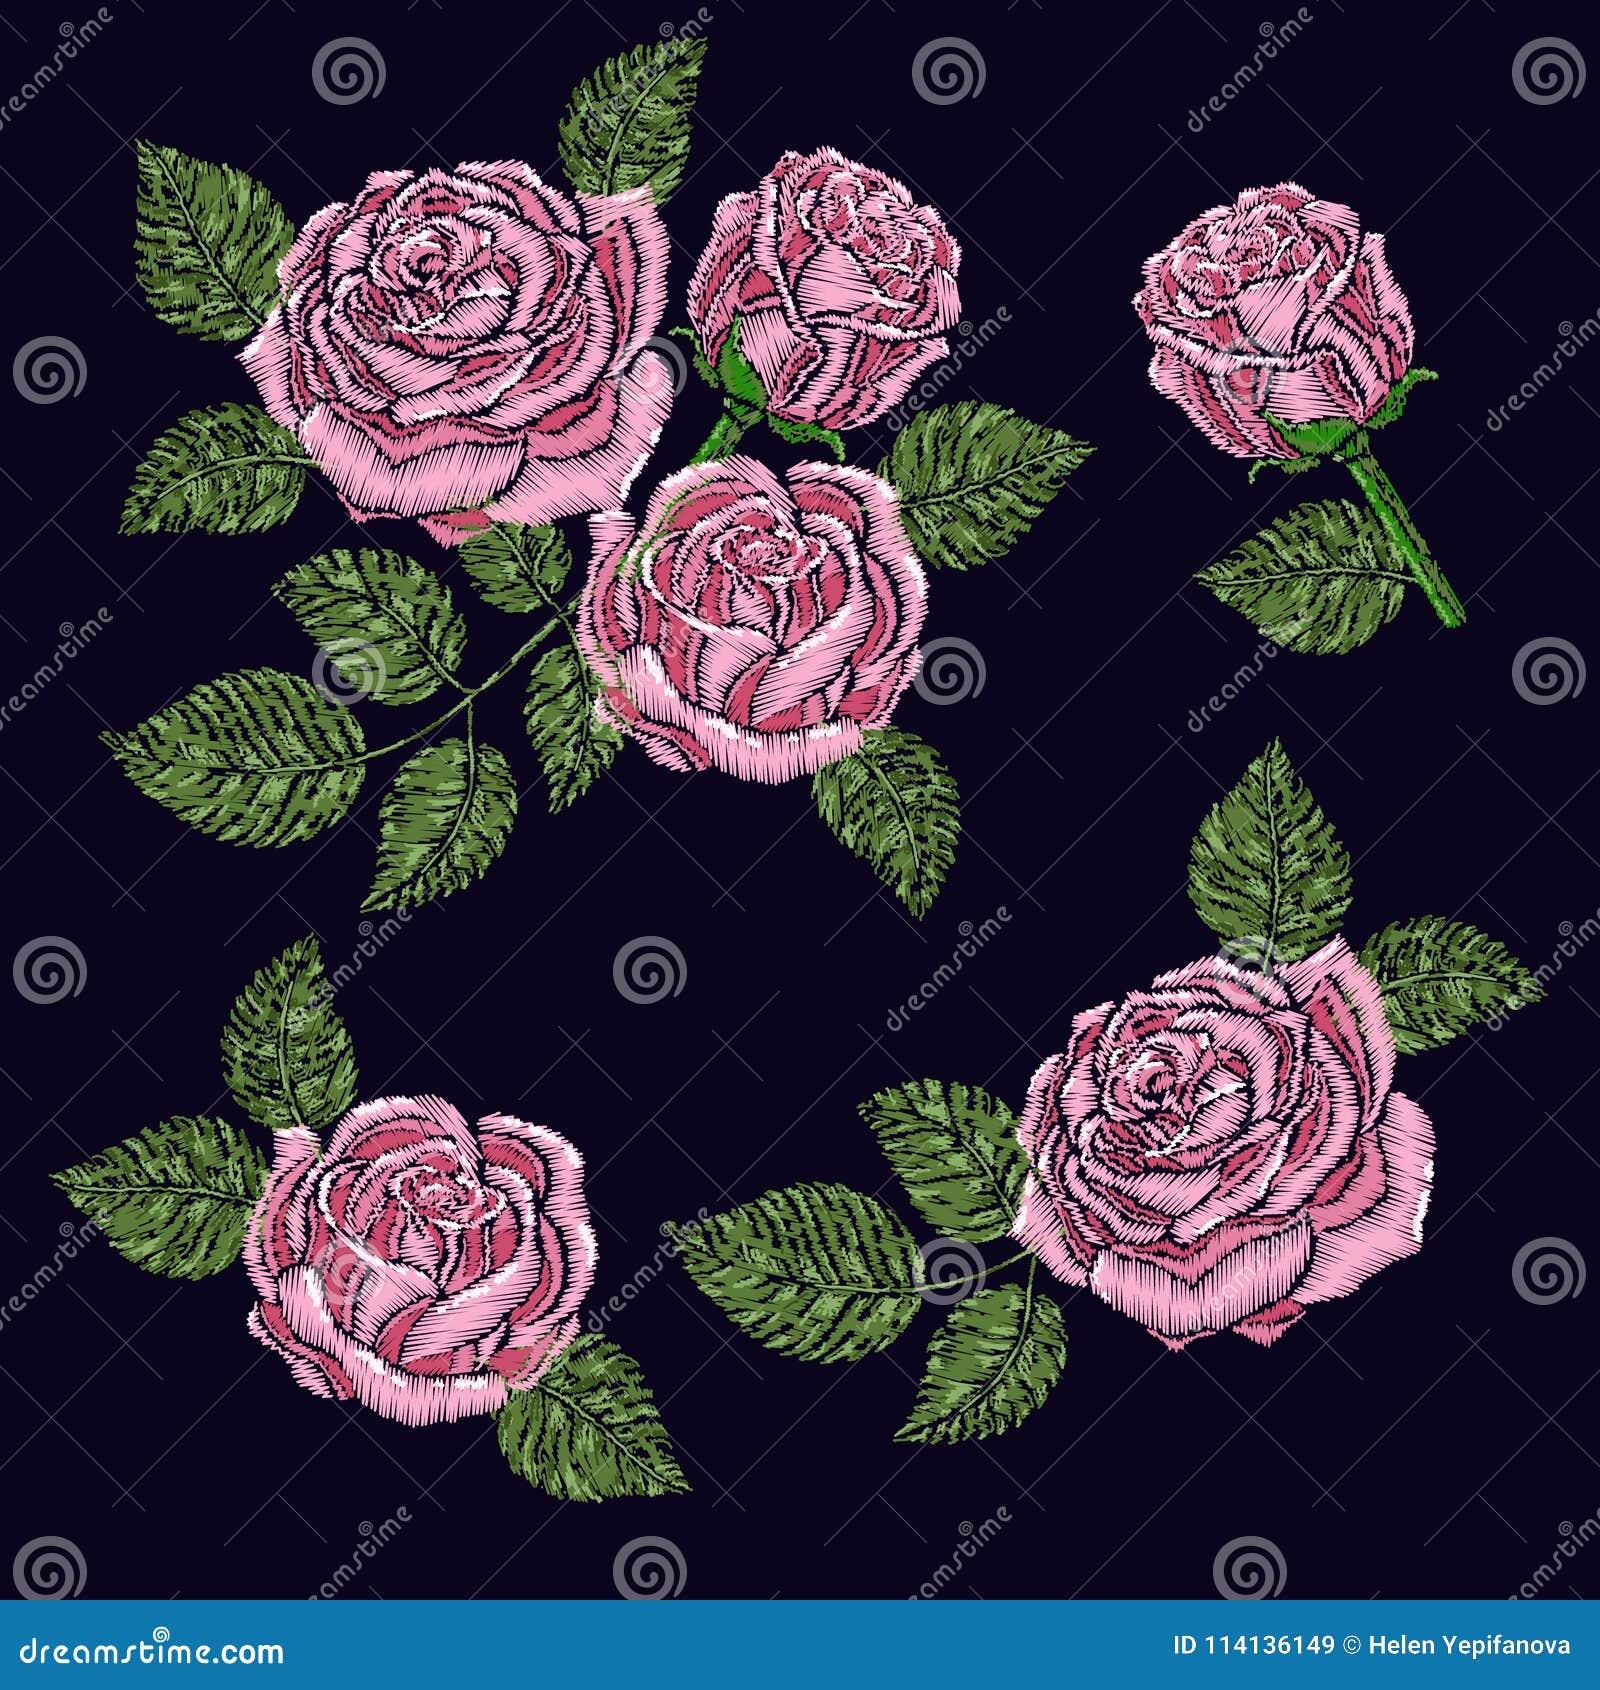 Texture De Modele De Broderie Papier Peint Fond Avec De Belles